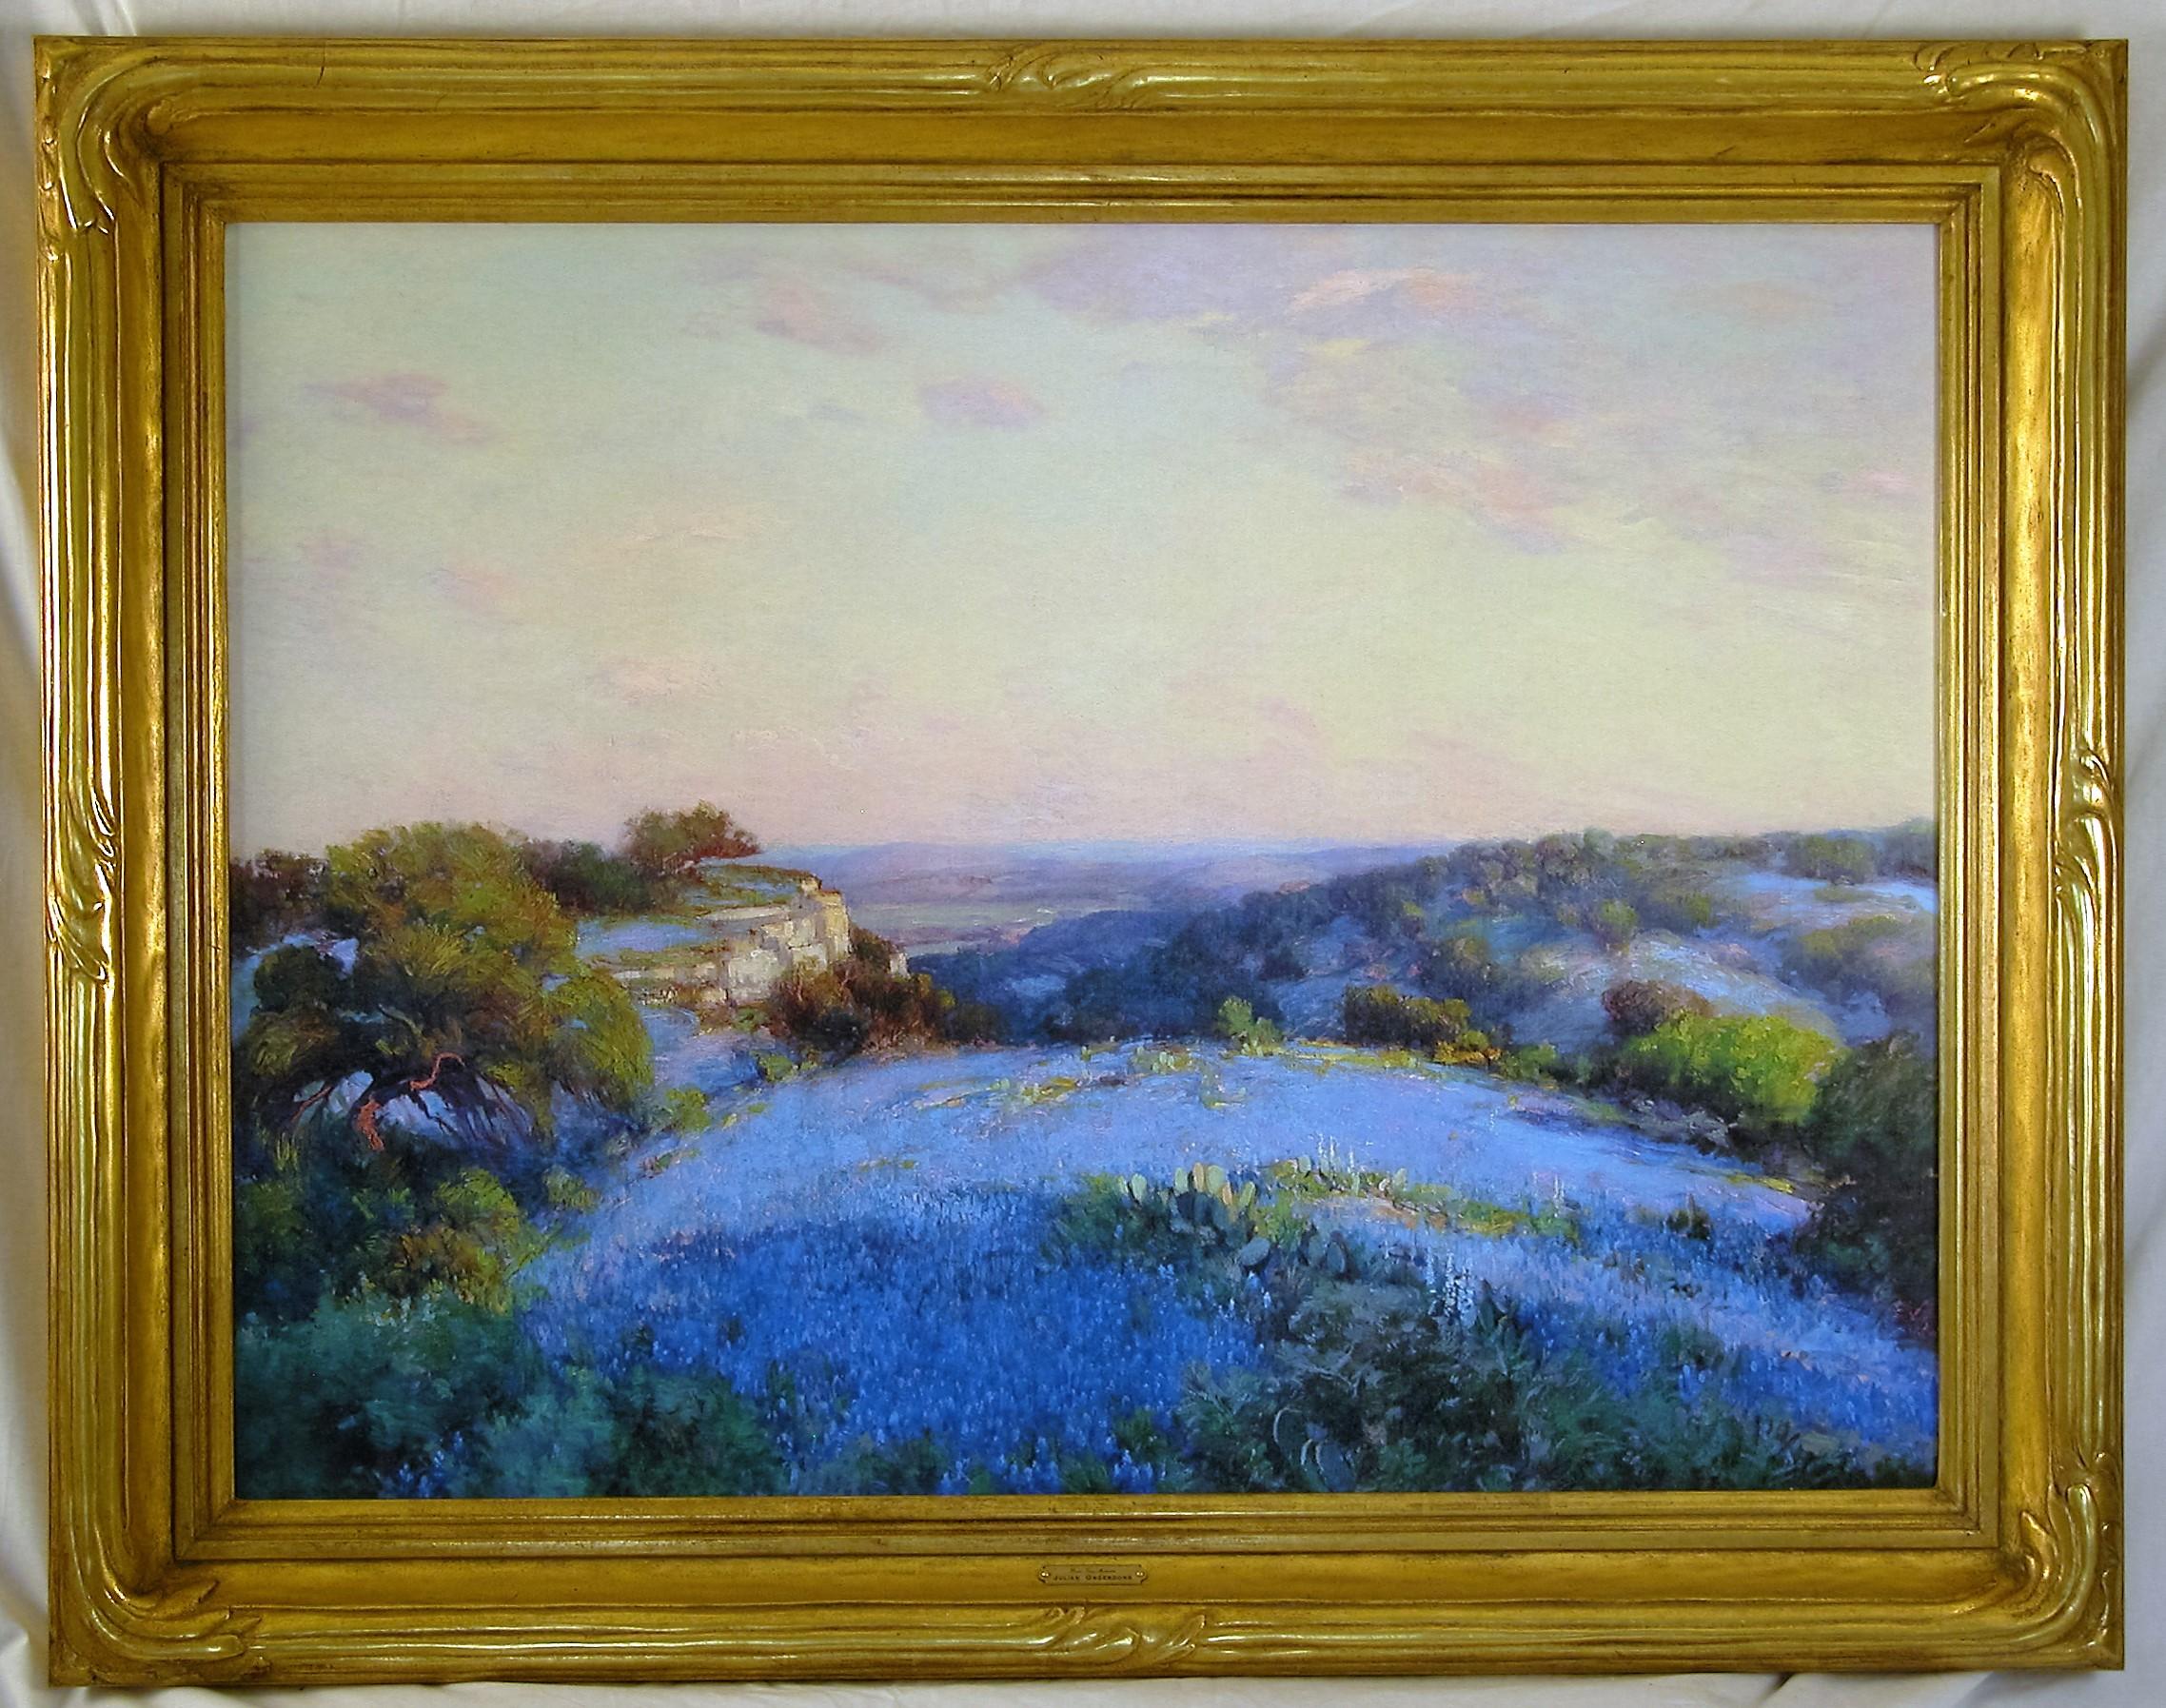 P.H. Miller frame on Blue Bells.